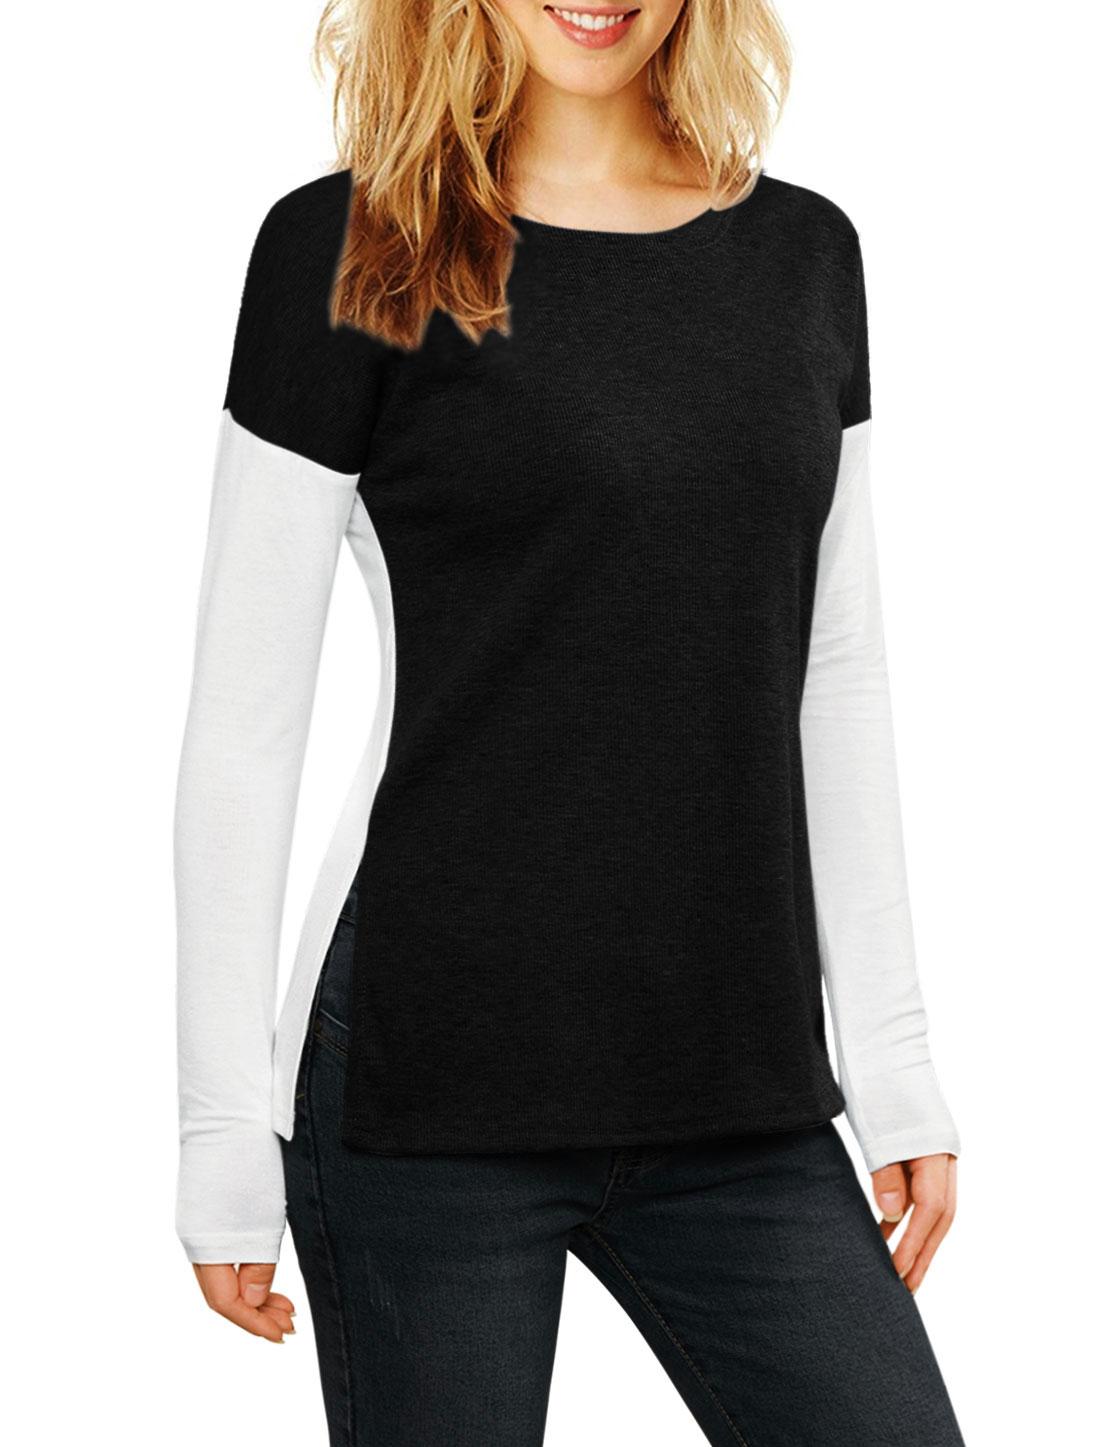 Women Color Block Side-Slit Paneled Slim Fit Ribbed Top Black S